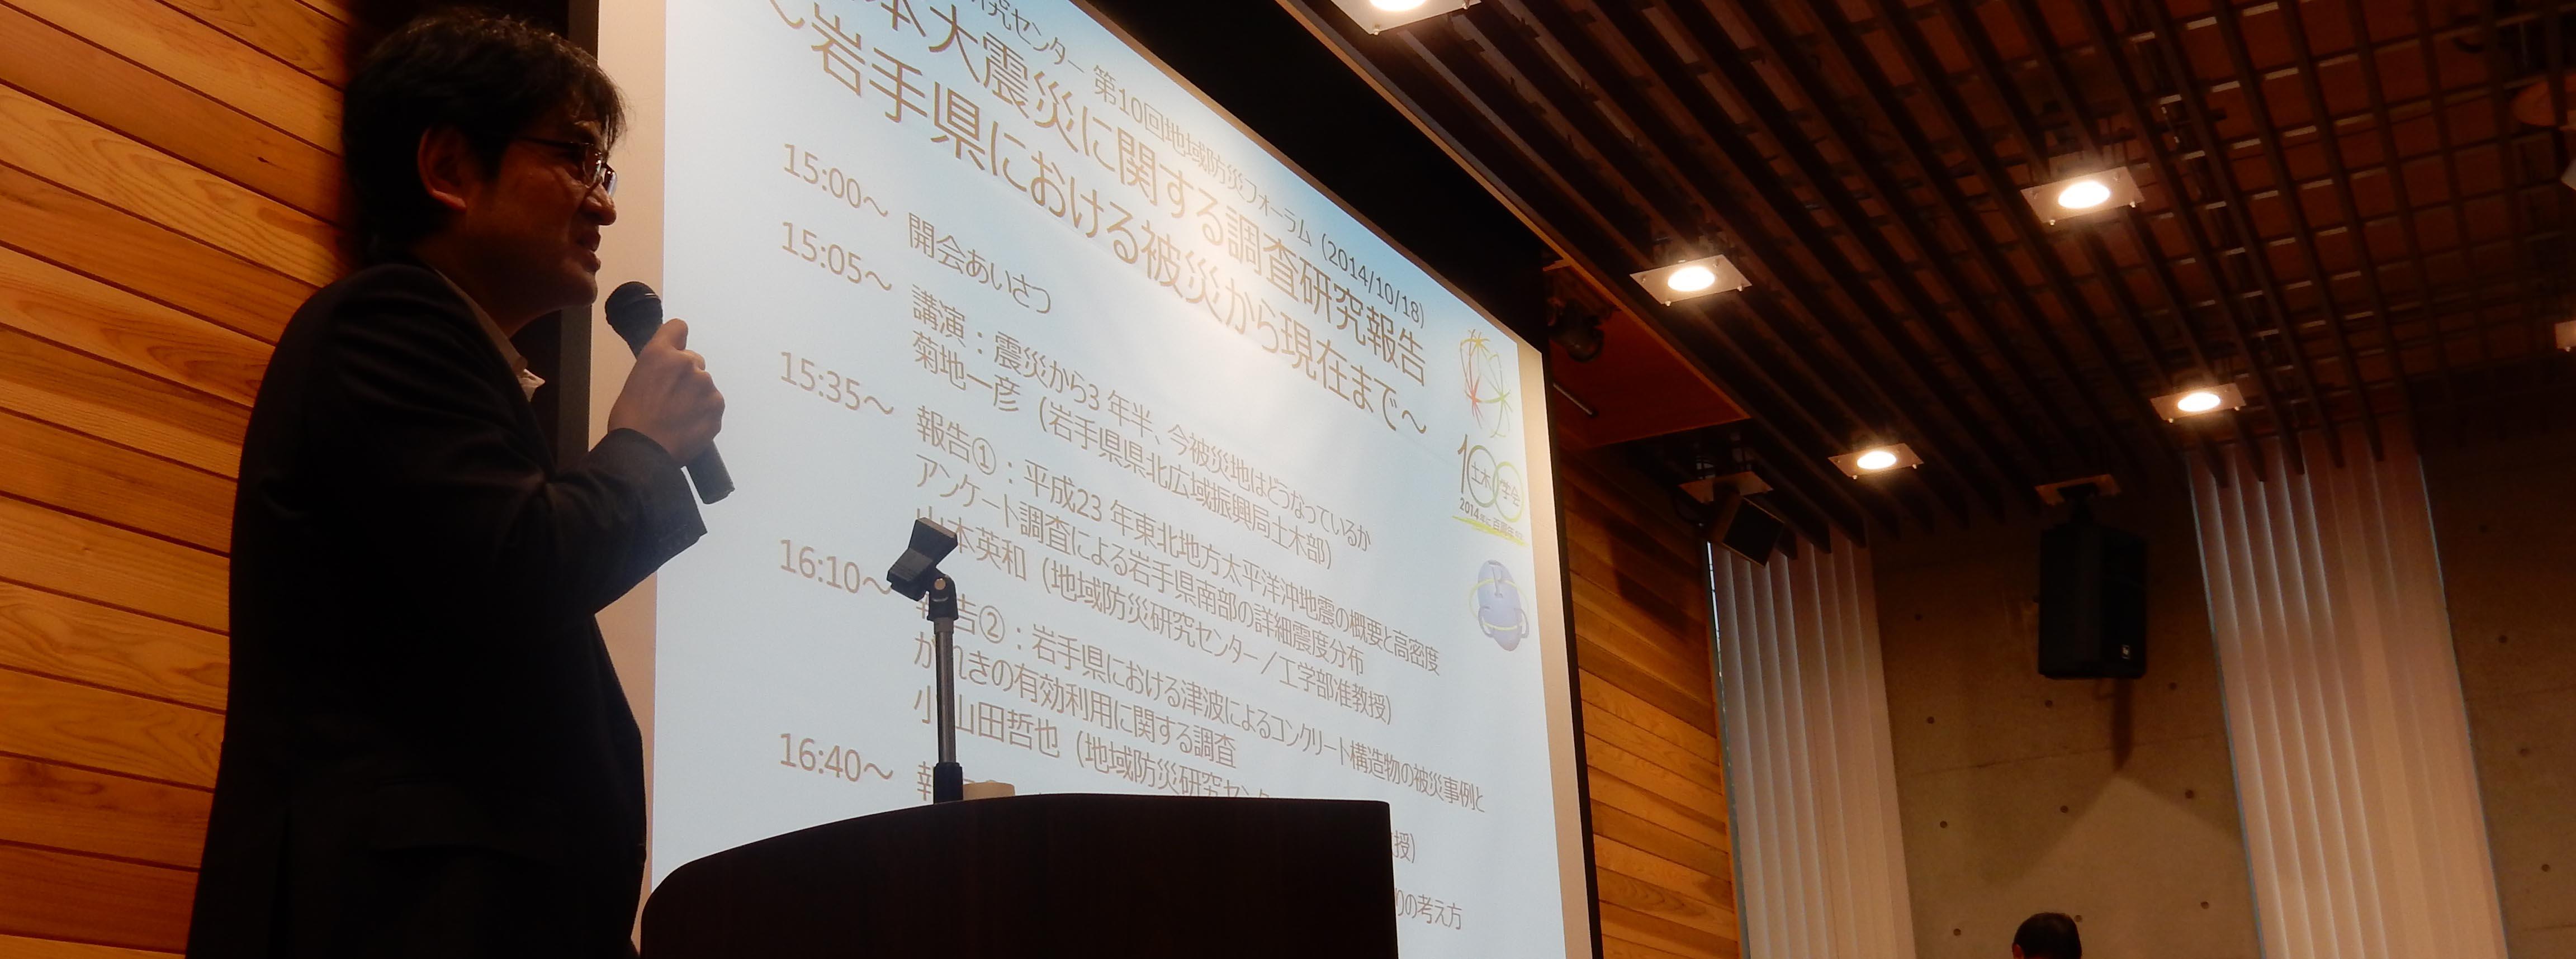 第10回地域防災フォーラム(2014年10月18日)